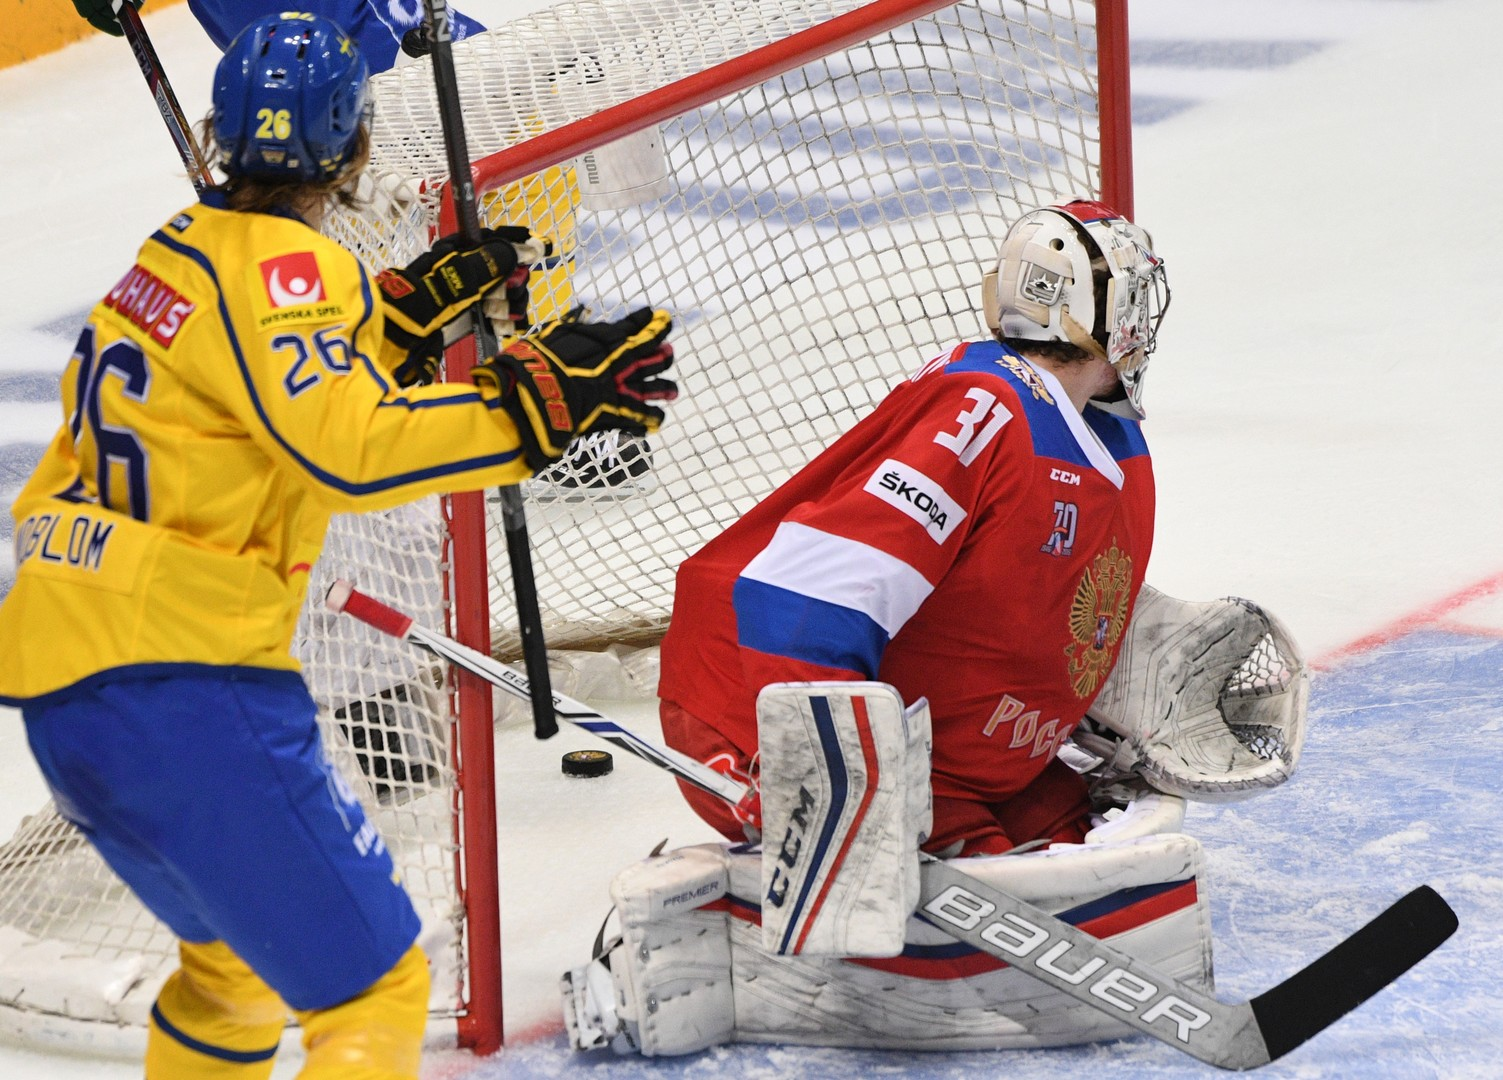 Аншлаг не вдохновил: Россия проиграла Швеции на глазах 12 тысяч болельщиков